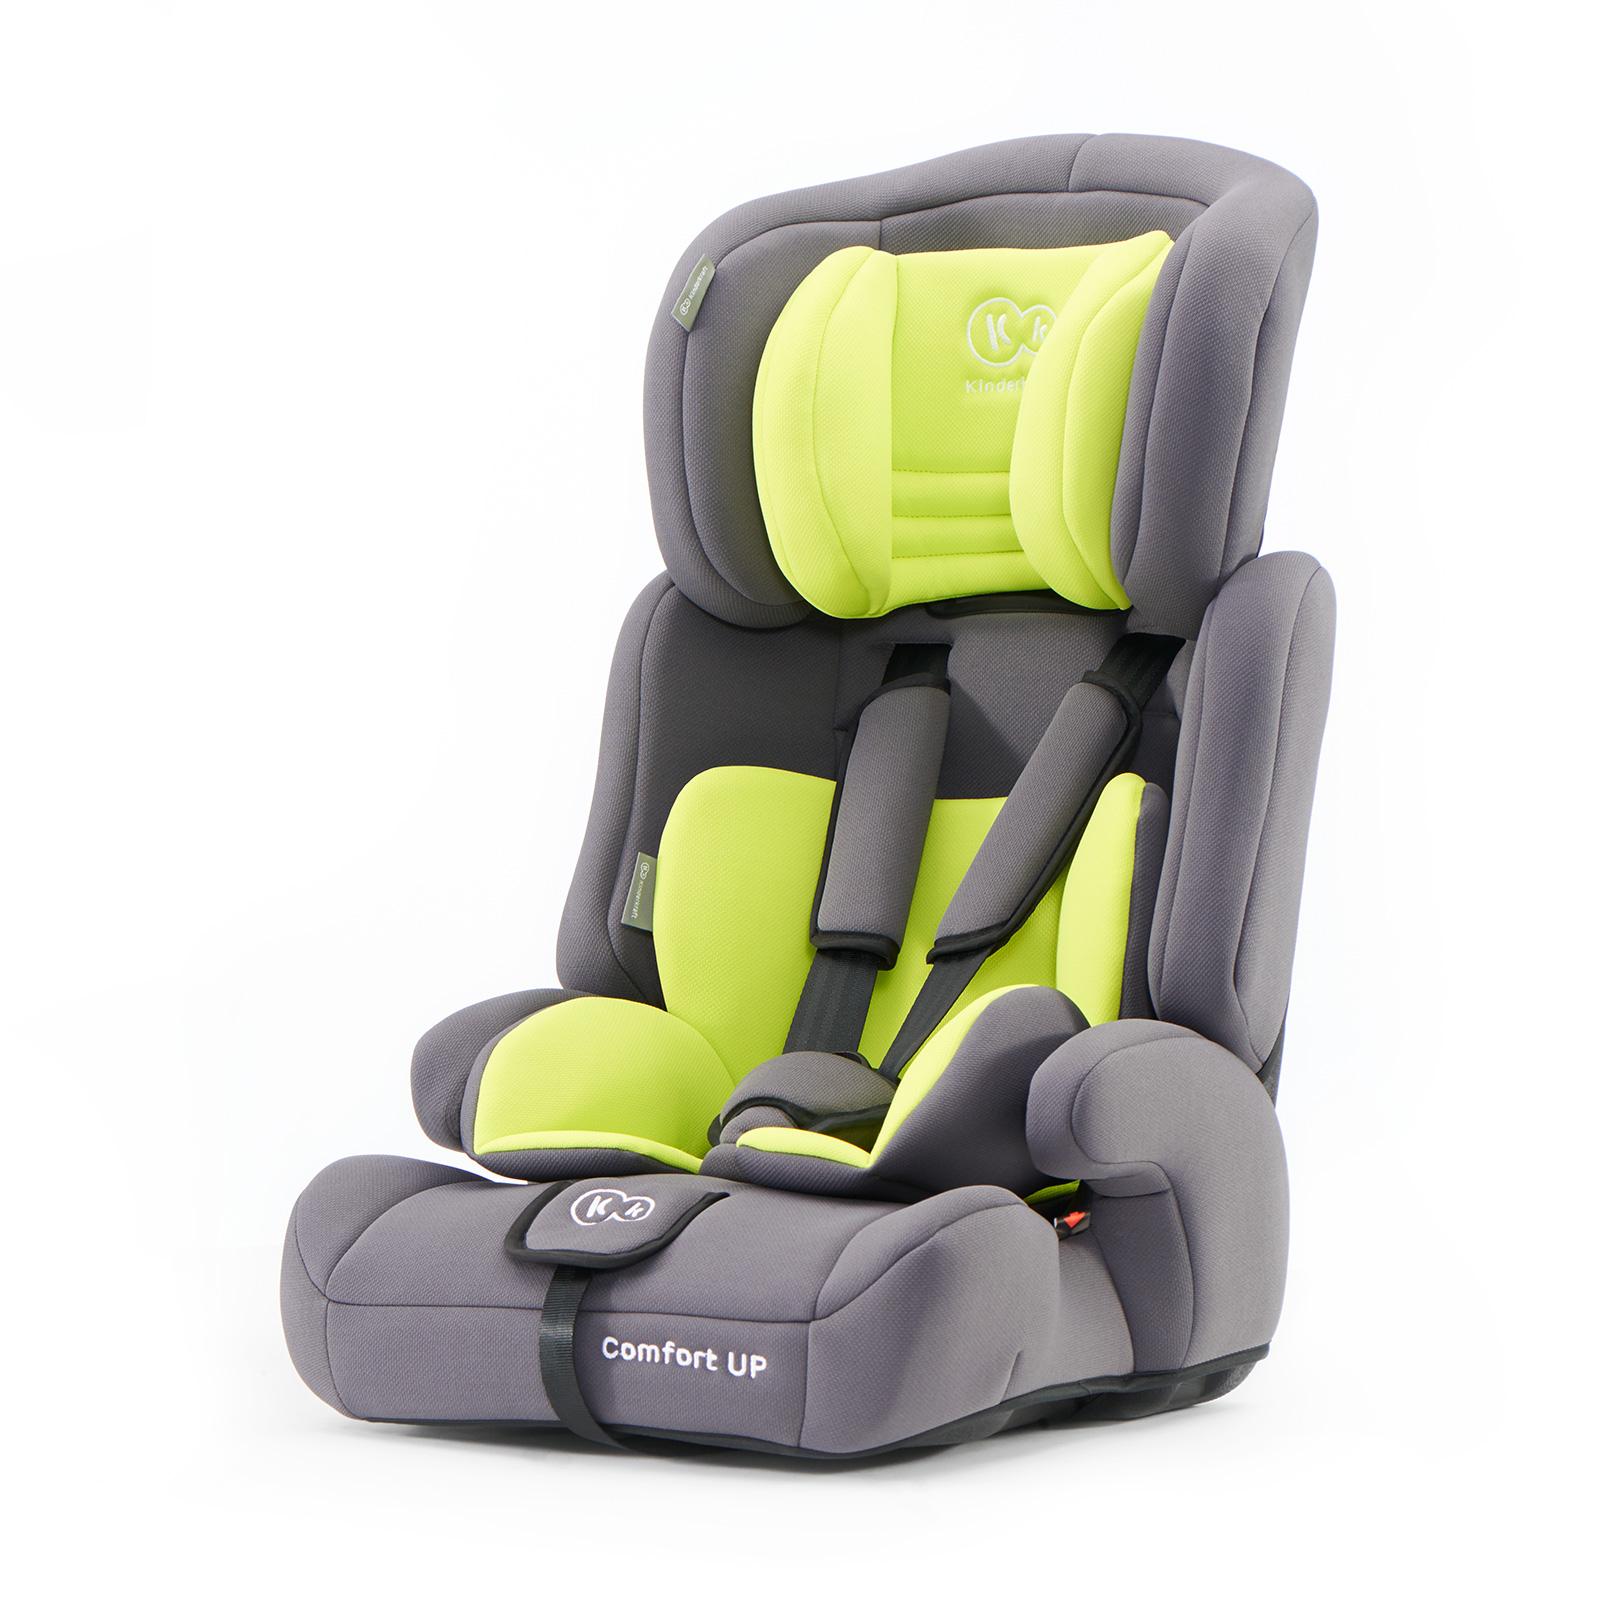 Autosedačka Comfort Up Lime 9-36kg Kinderkraft 2019